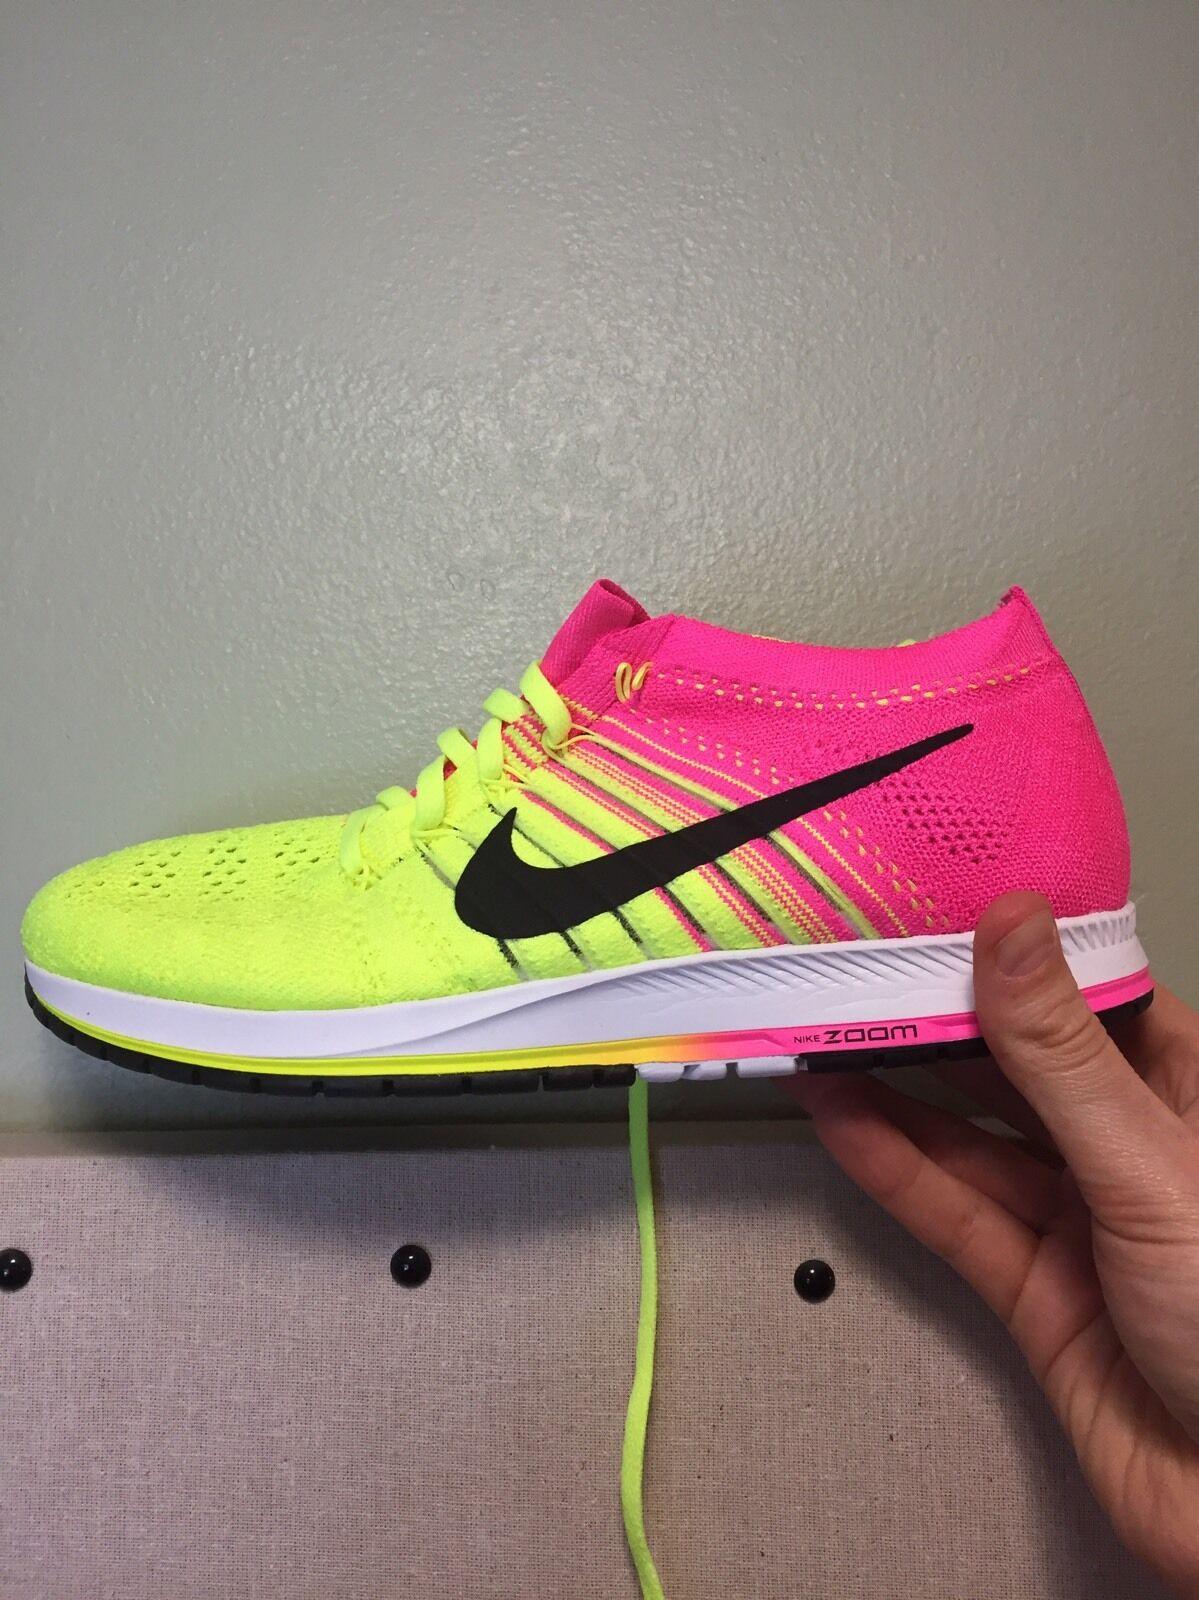 Men's Nike Flyknit Streak Size 10.5 (835994 999) No Box